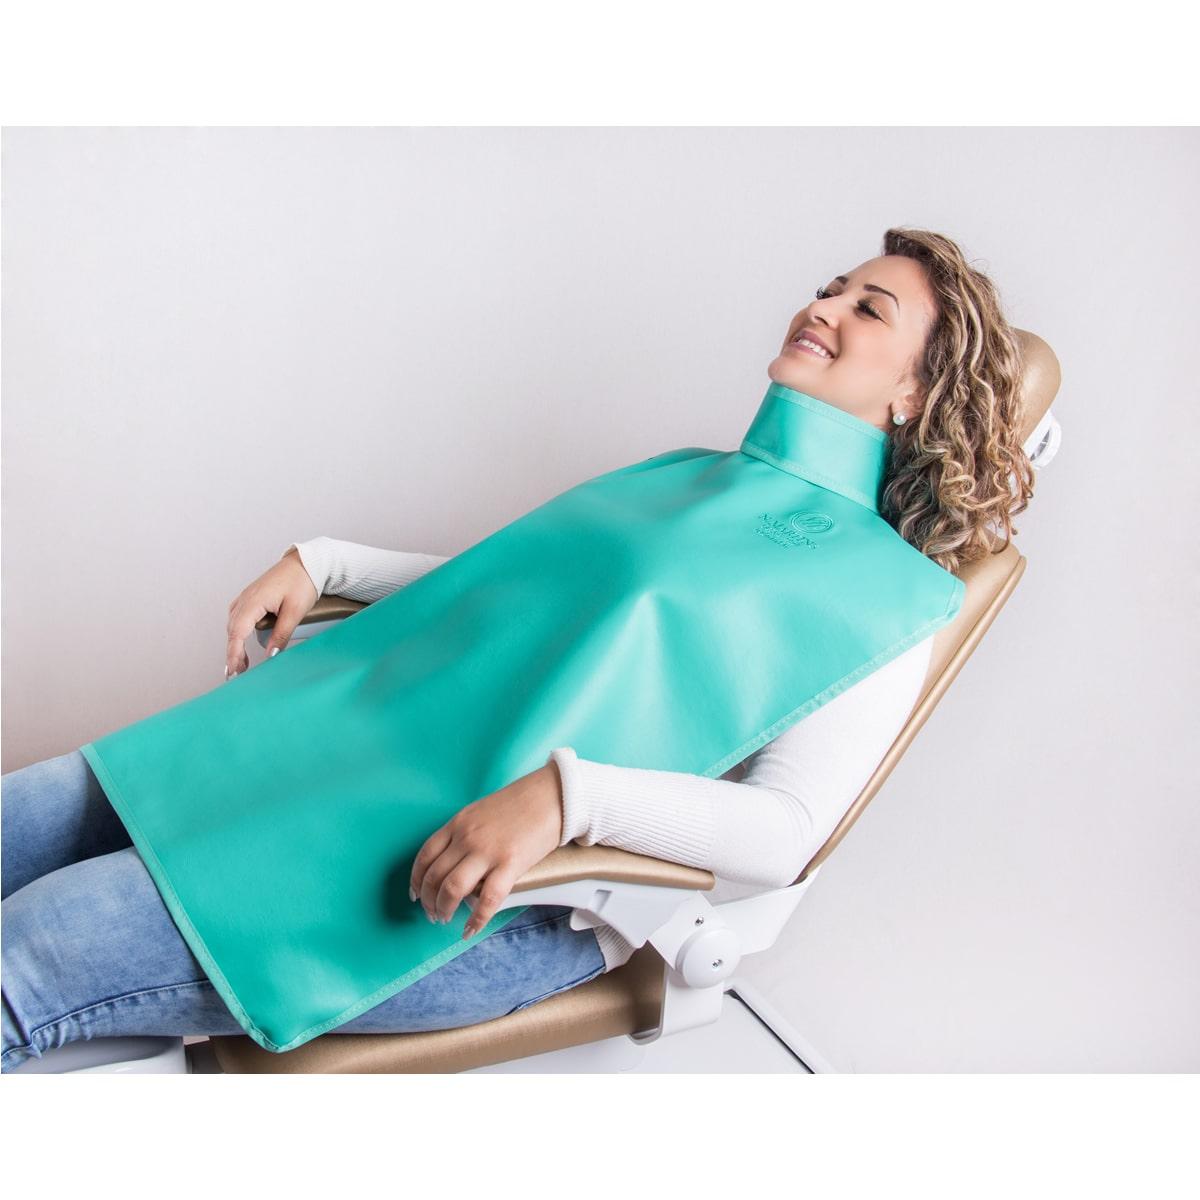 Avental Periapical com protetor de tireoide - 85x60cm - 0,25mm/Pb - N.Martins